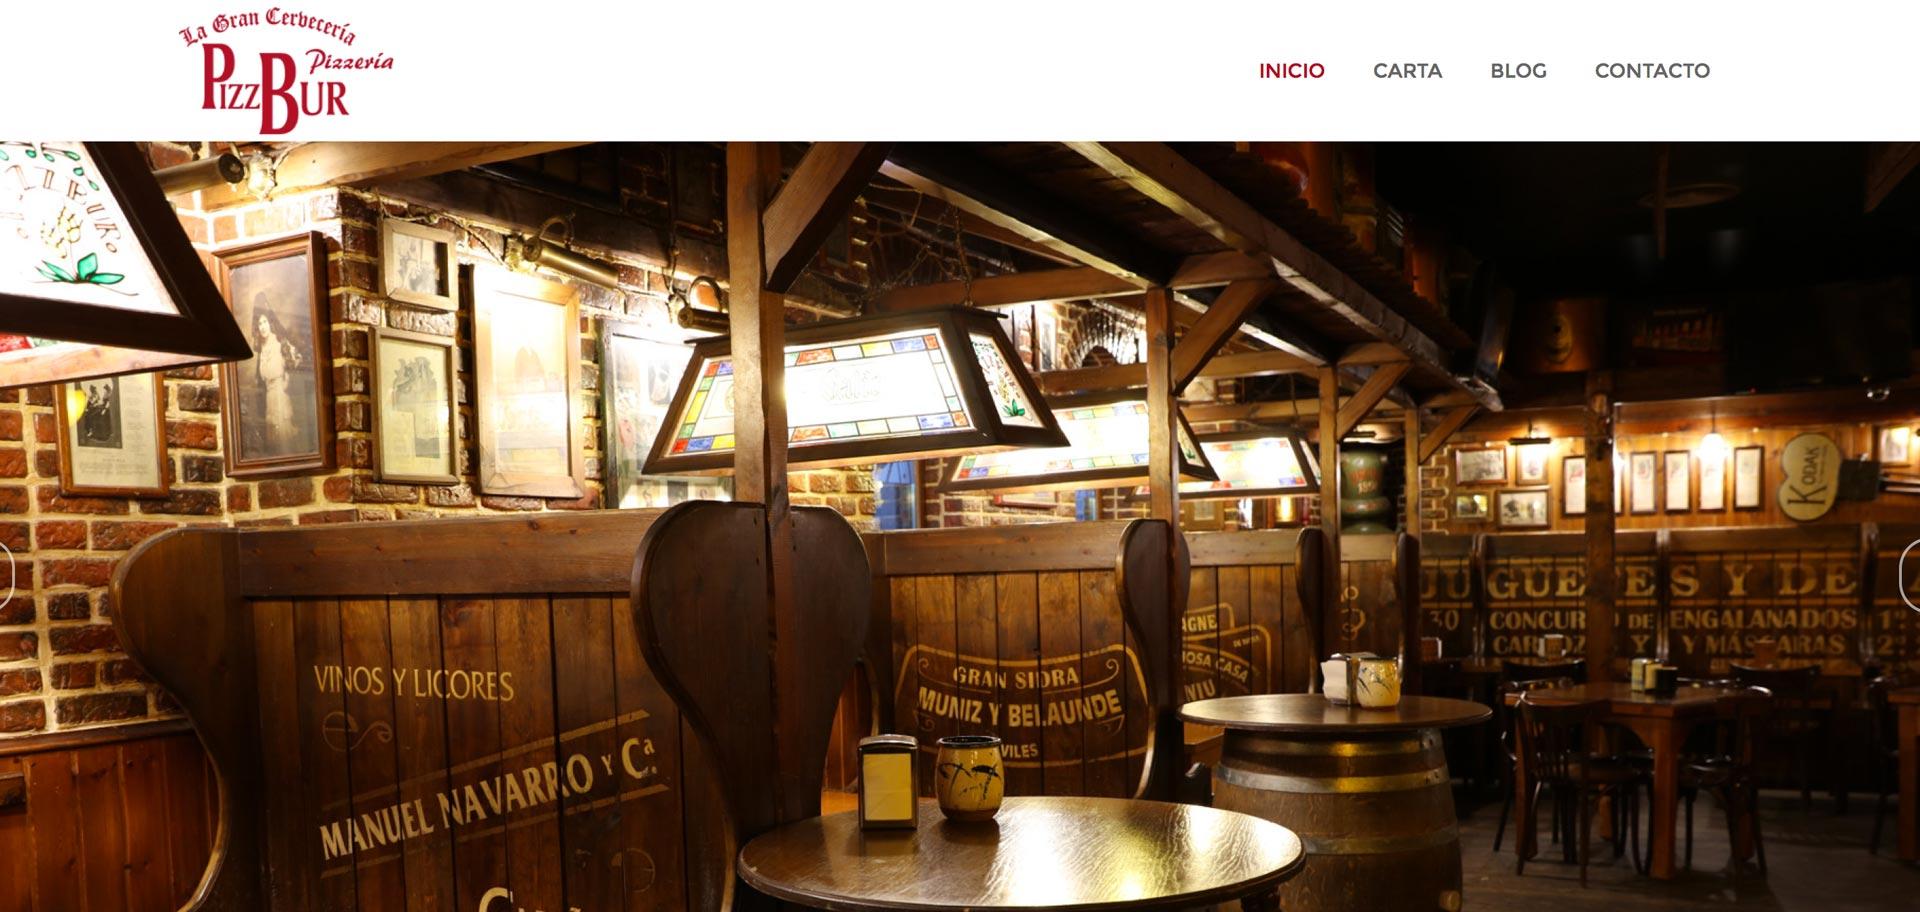 web corporativa de pizzbur lugo diseñada por xeral.net